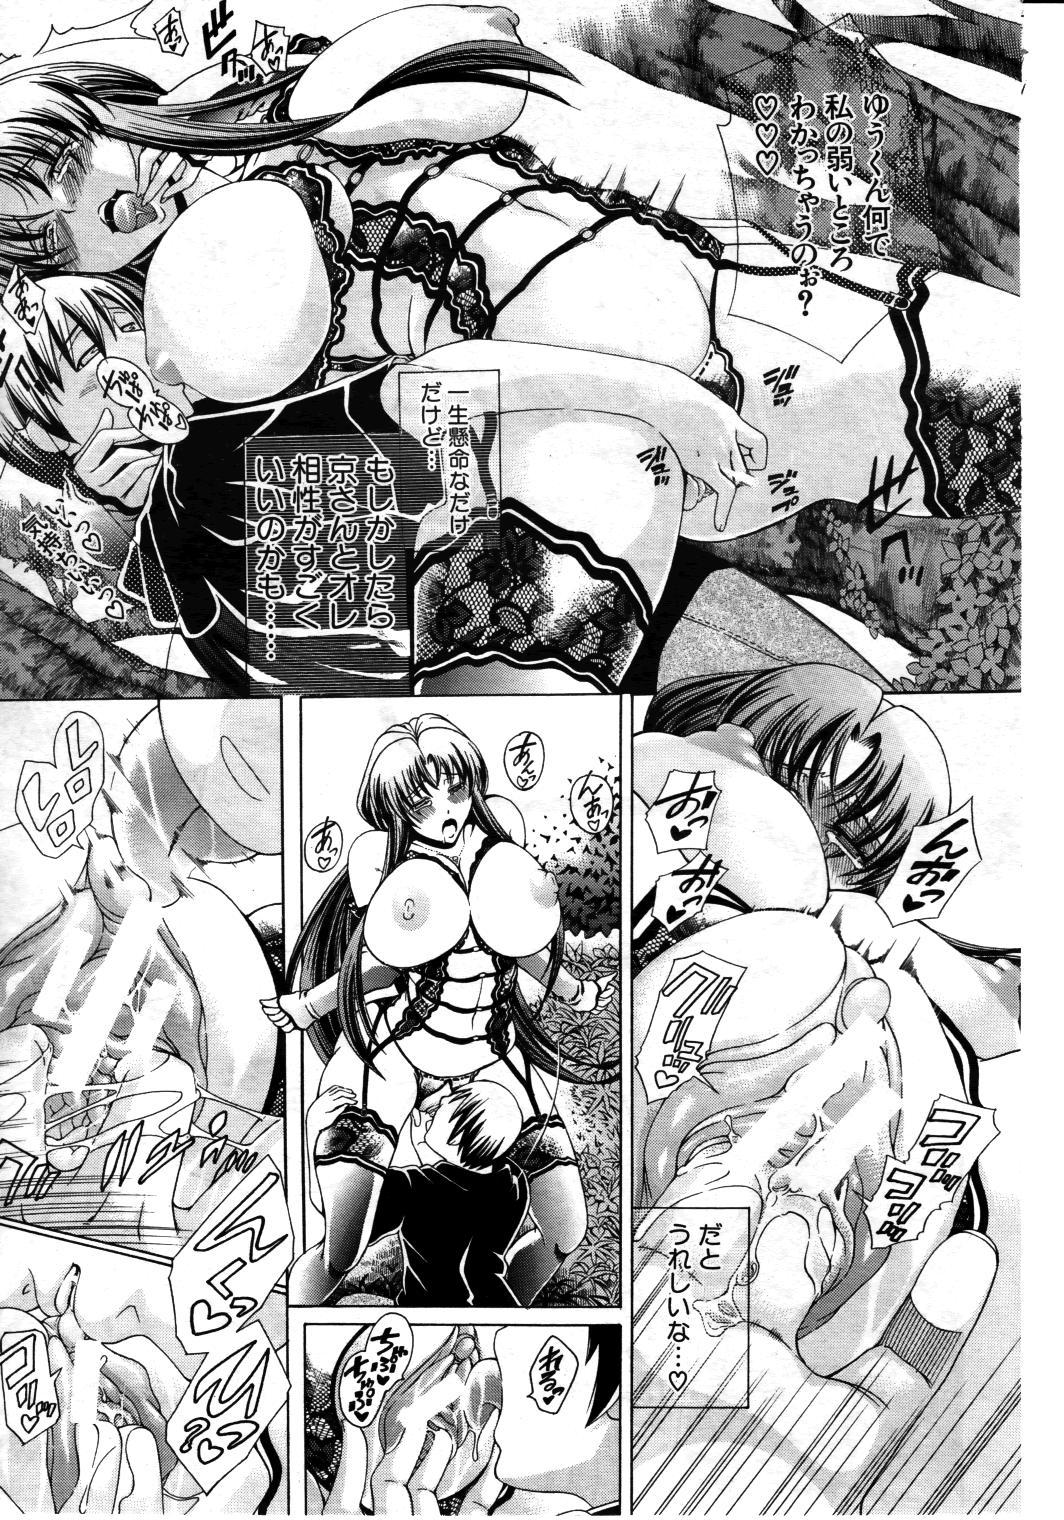 Himitsu no Sign - Secret Signature 51